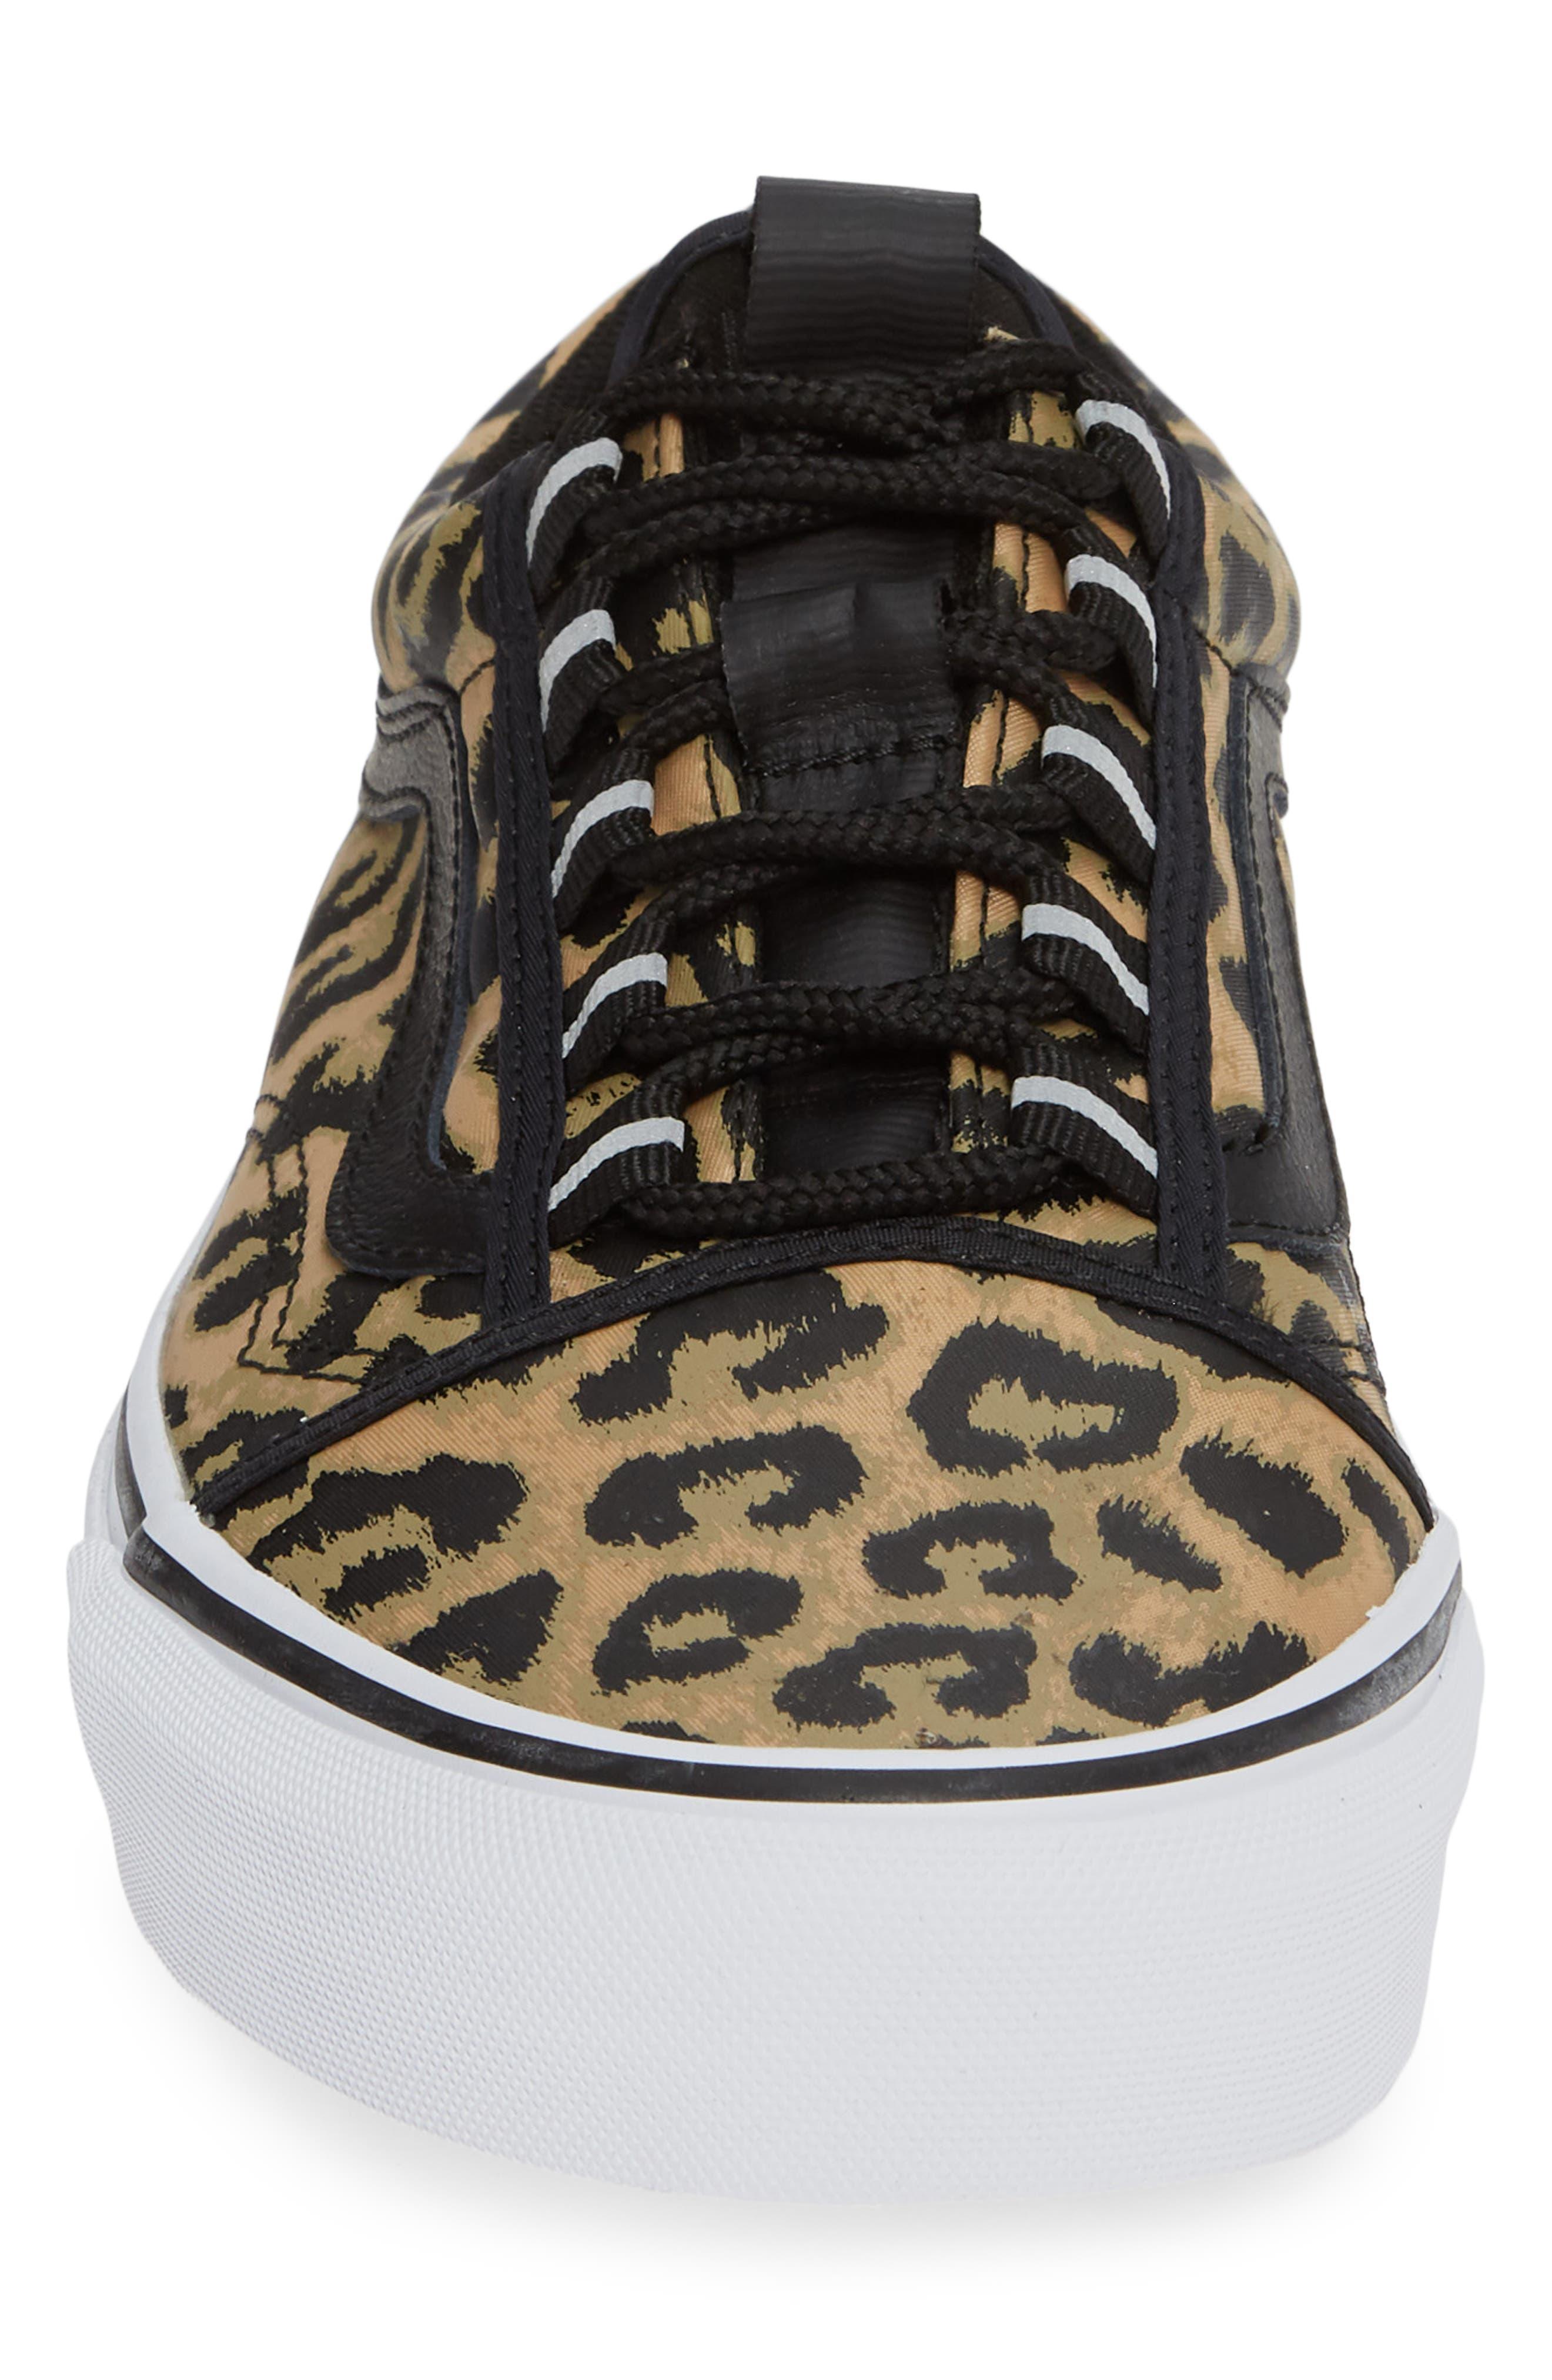 Old Skool Ghillie Sneaker,                             Alternate thumbnail 4, color,                             BLACK NYLON/ LEOPARD NYLON